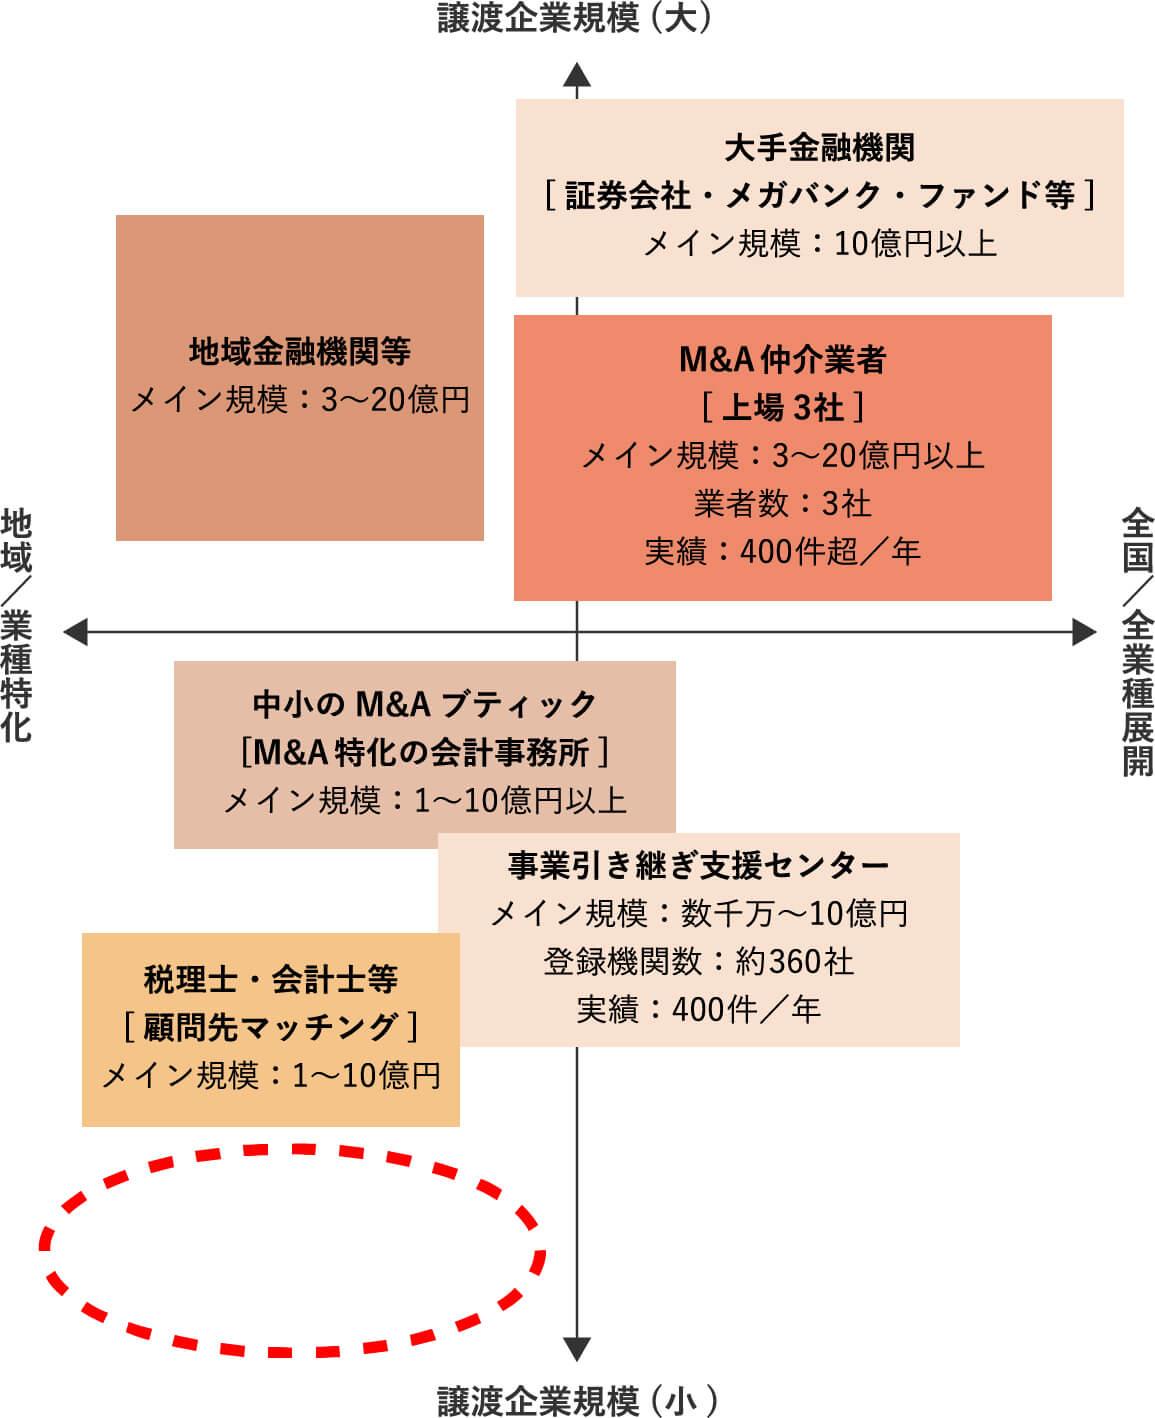 M&A構造